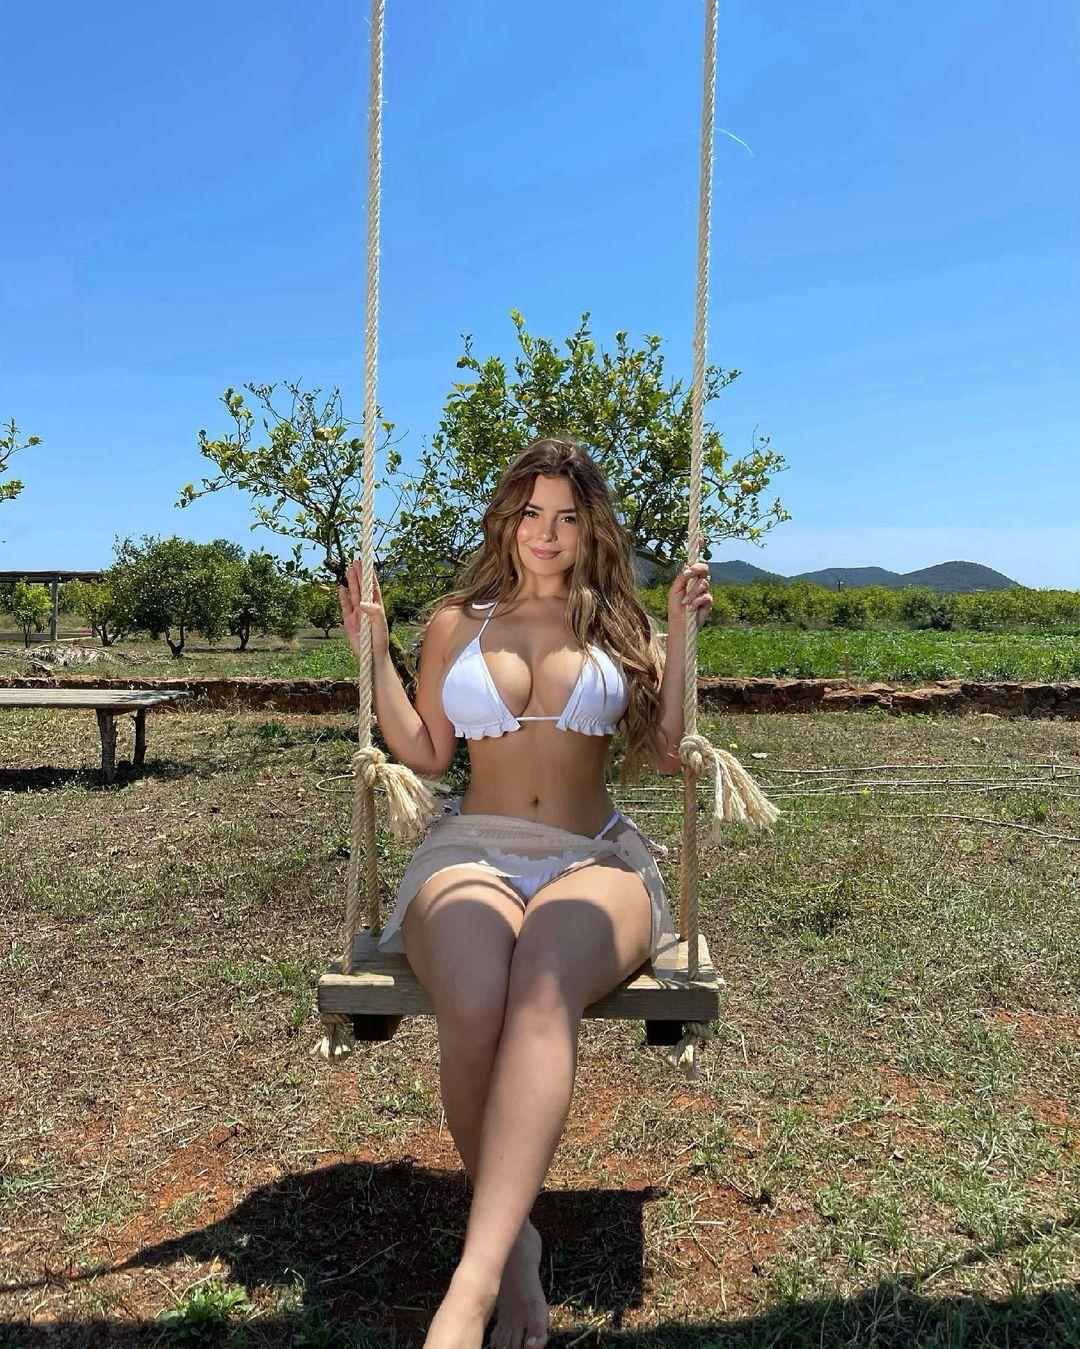 デミ・ローズ「迫力の美ボディをリゾートで開放!」ビキニスタイルでブランコを…?【画像2枚】の画像002